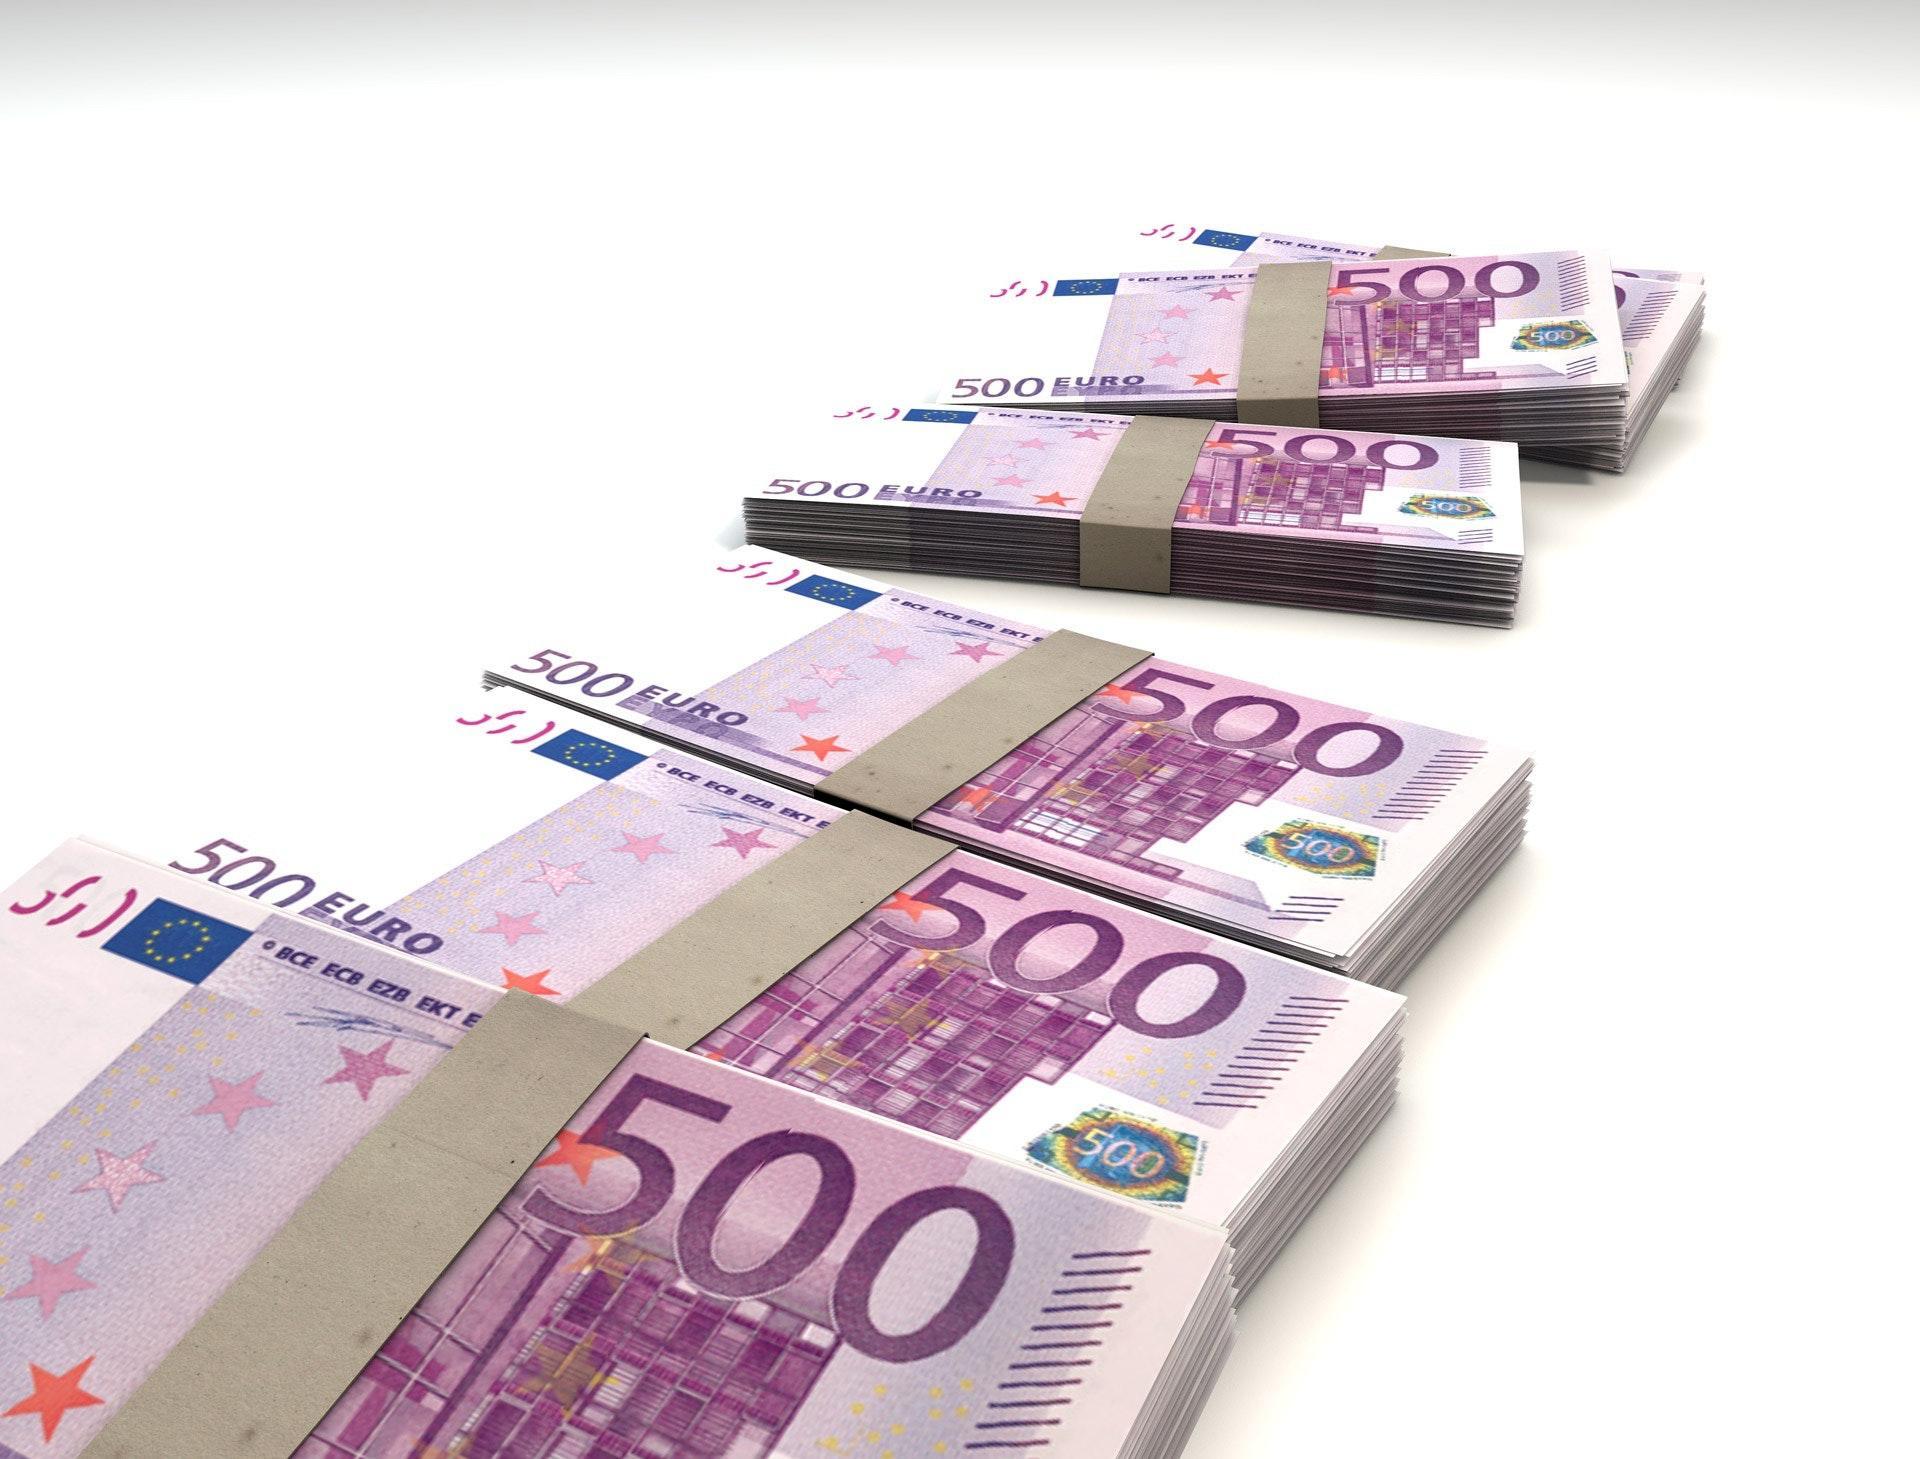 Noordwijk waarschuwt horeca voor investeringen door criminelen